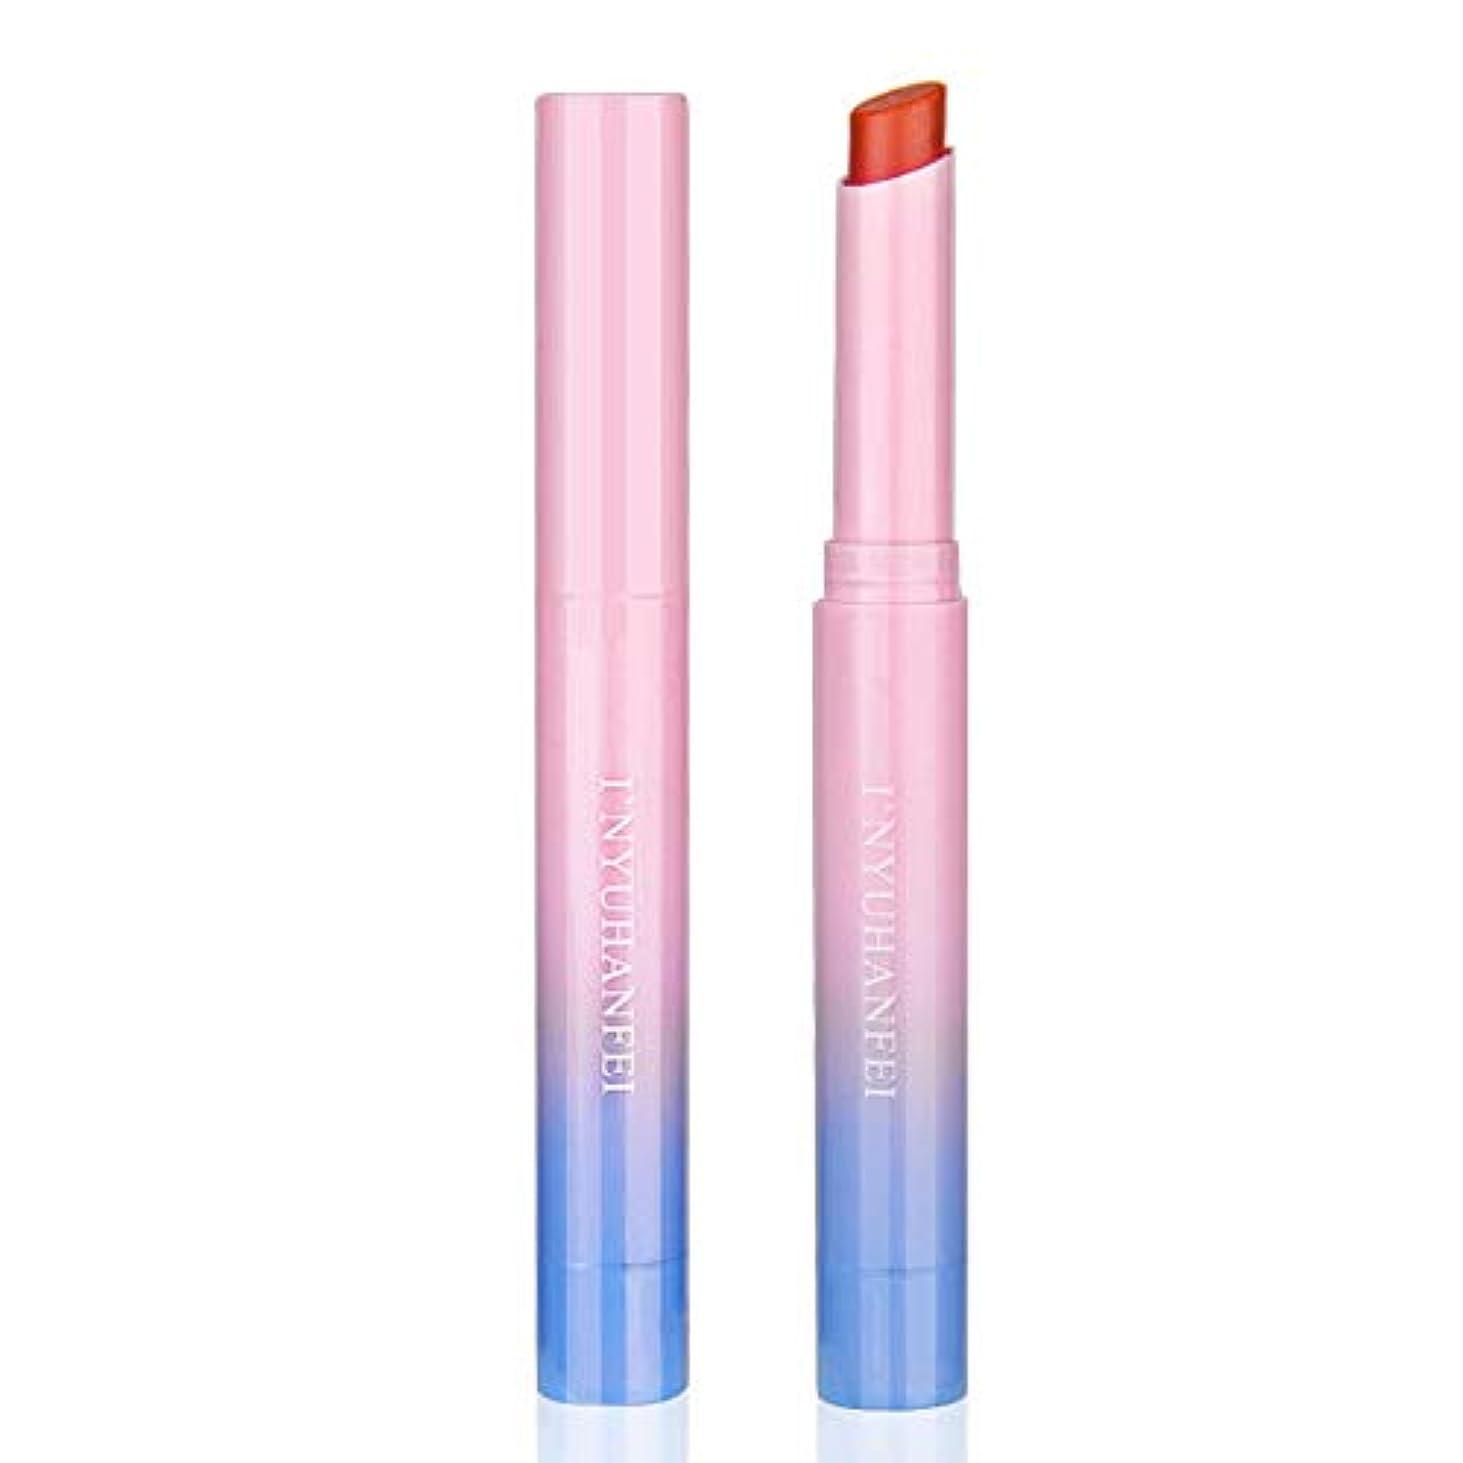 二層消費物理FGULリップグロス怠惰な口紅長続きがする化粧品グラデーションカラー回転保湿リップスティック